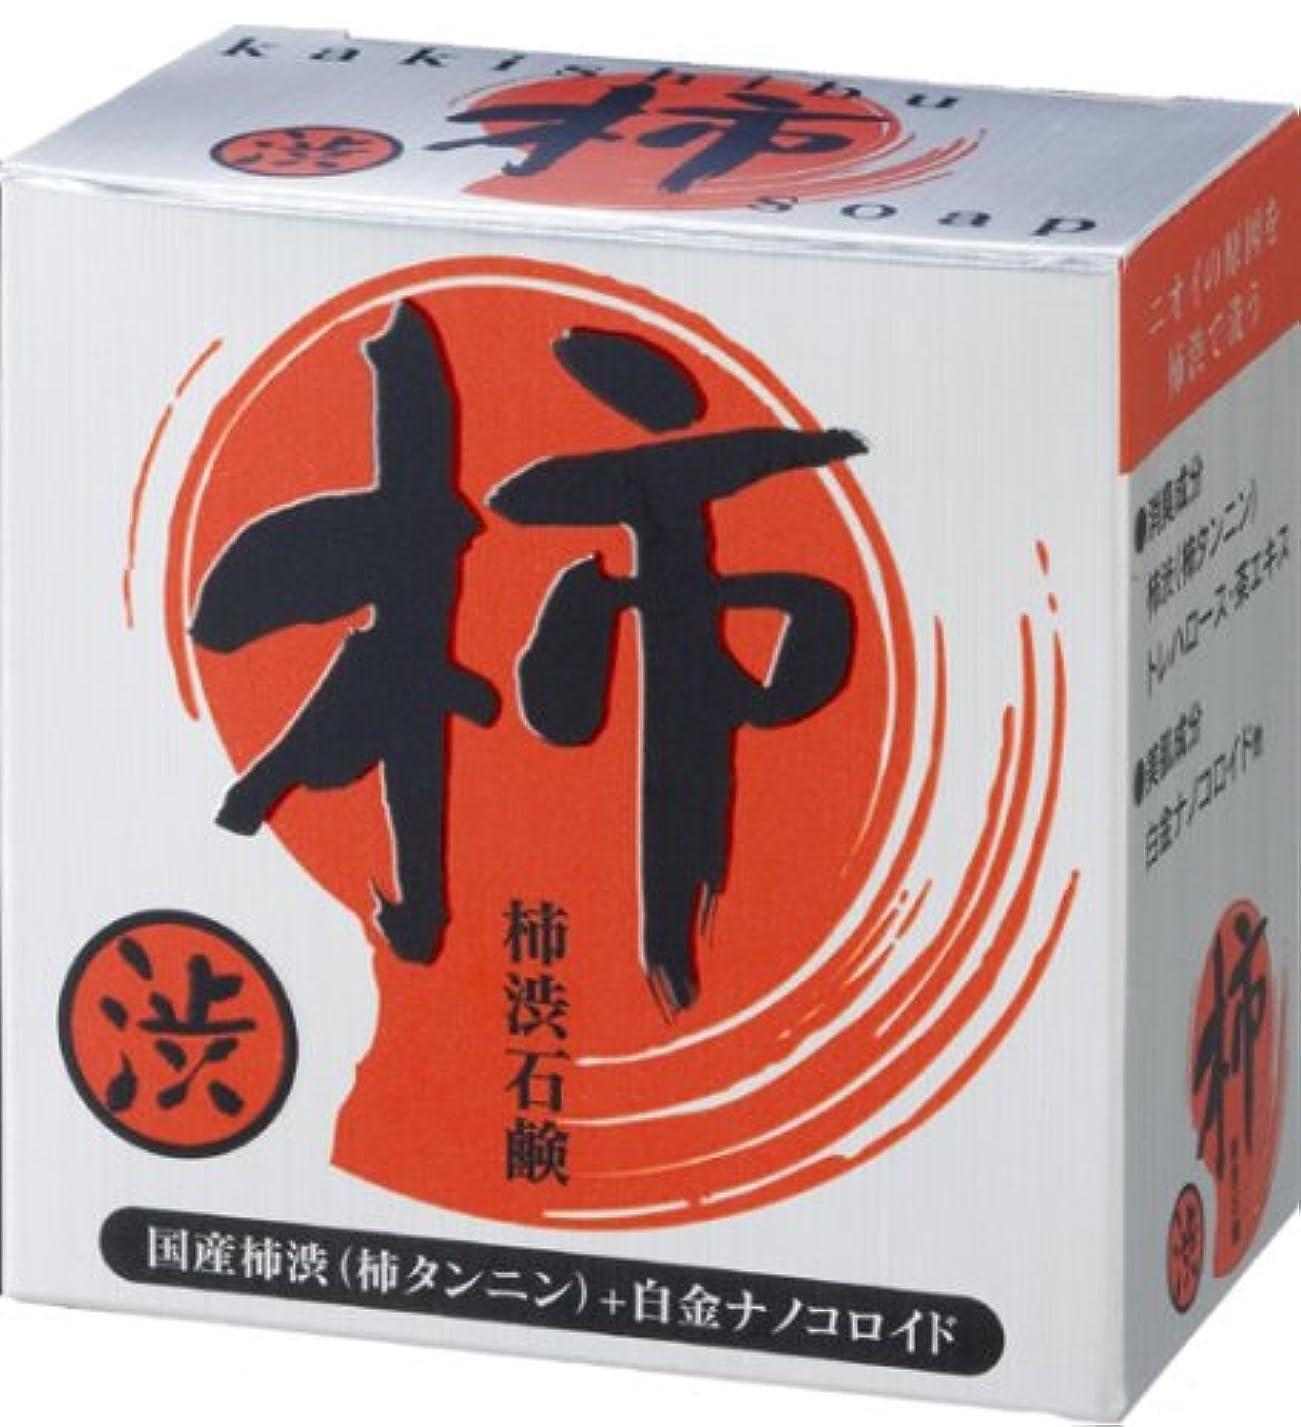 絵空気肌寒いプロアクティ 純国産柿渋石鹸 100g 白金ナノコロイド配合!